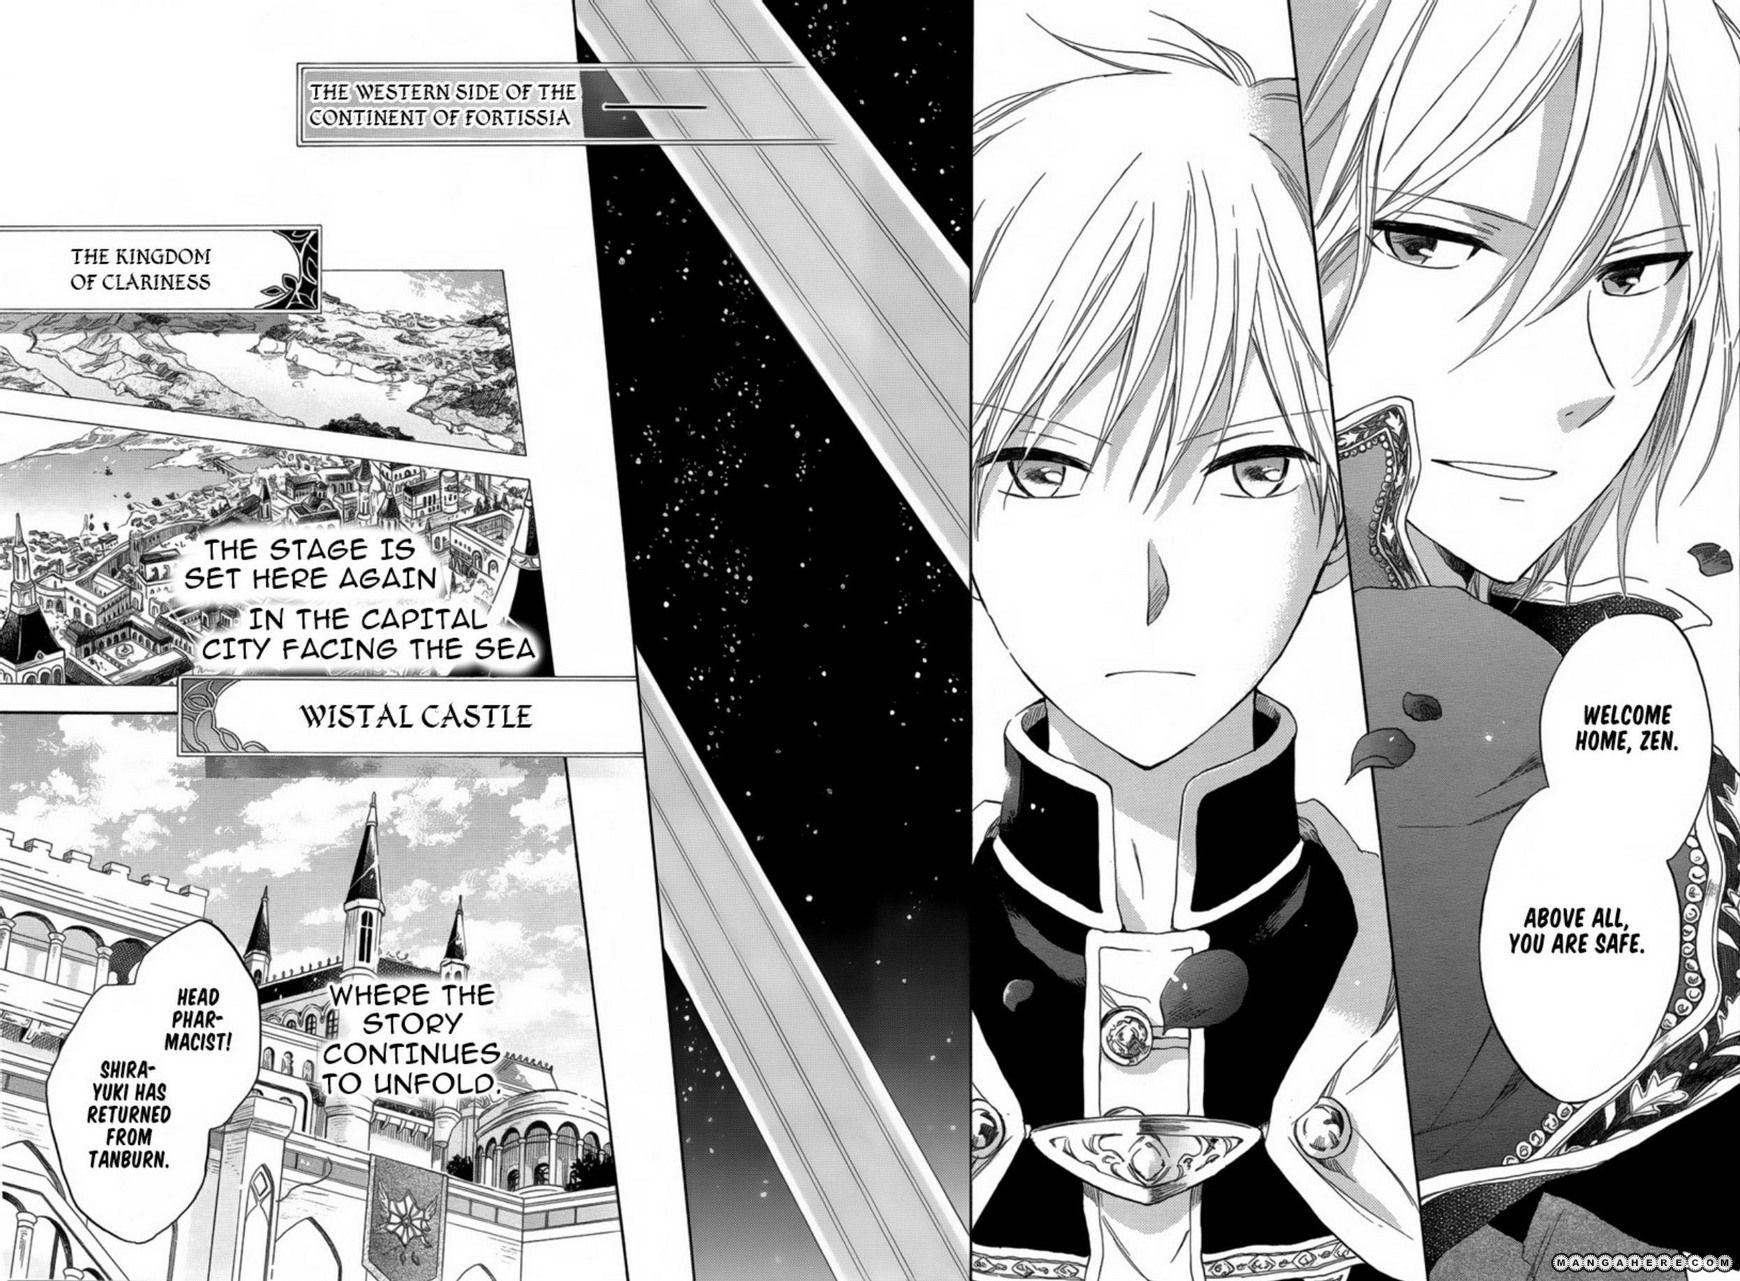 Akagami no Shirayukihime 27 Page 4